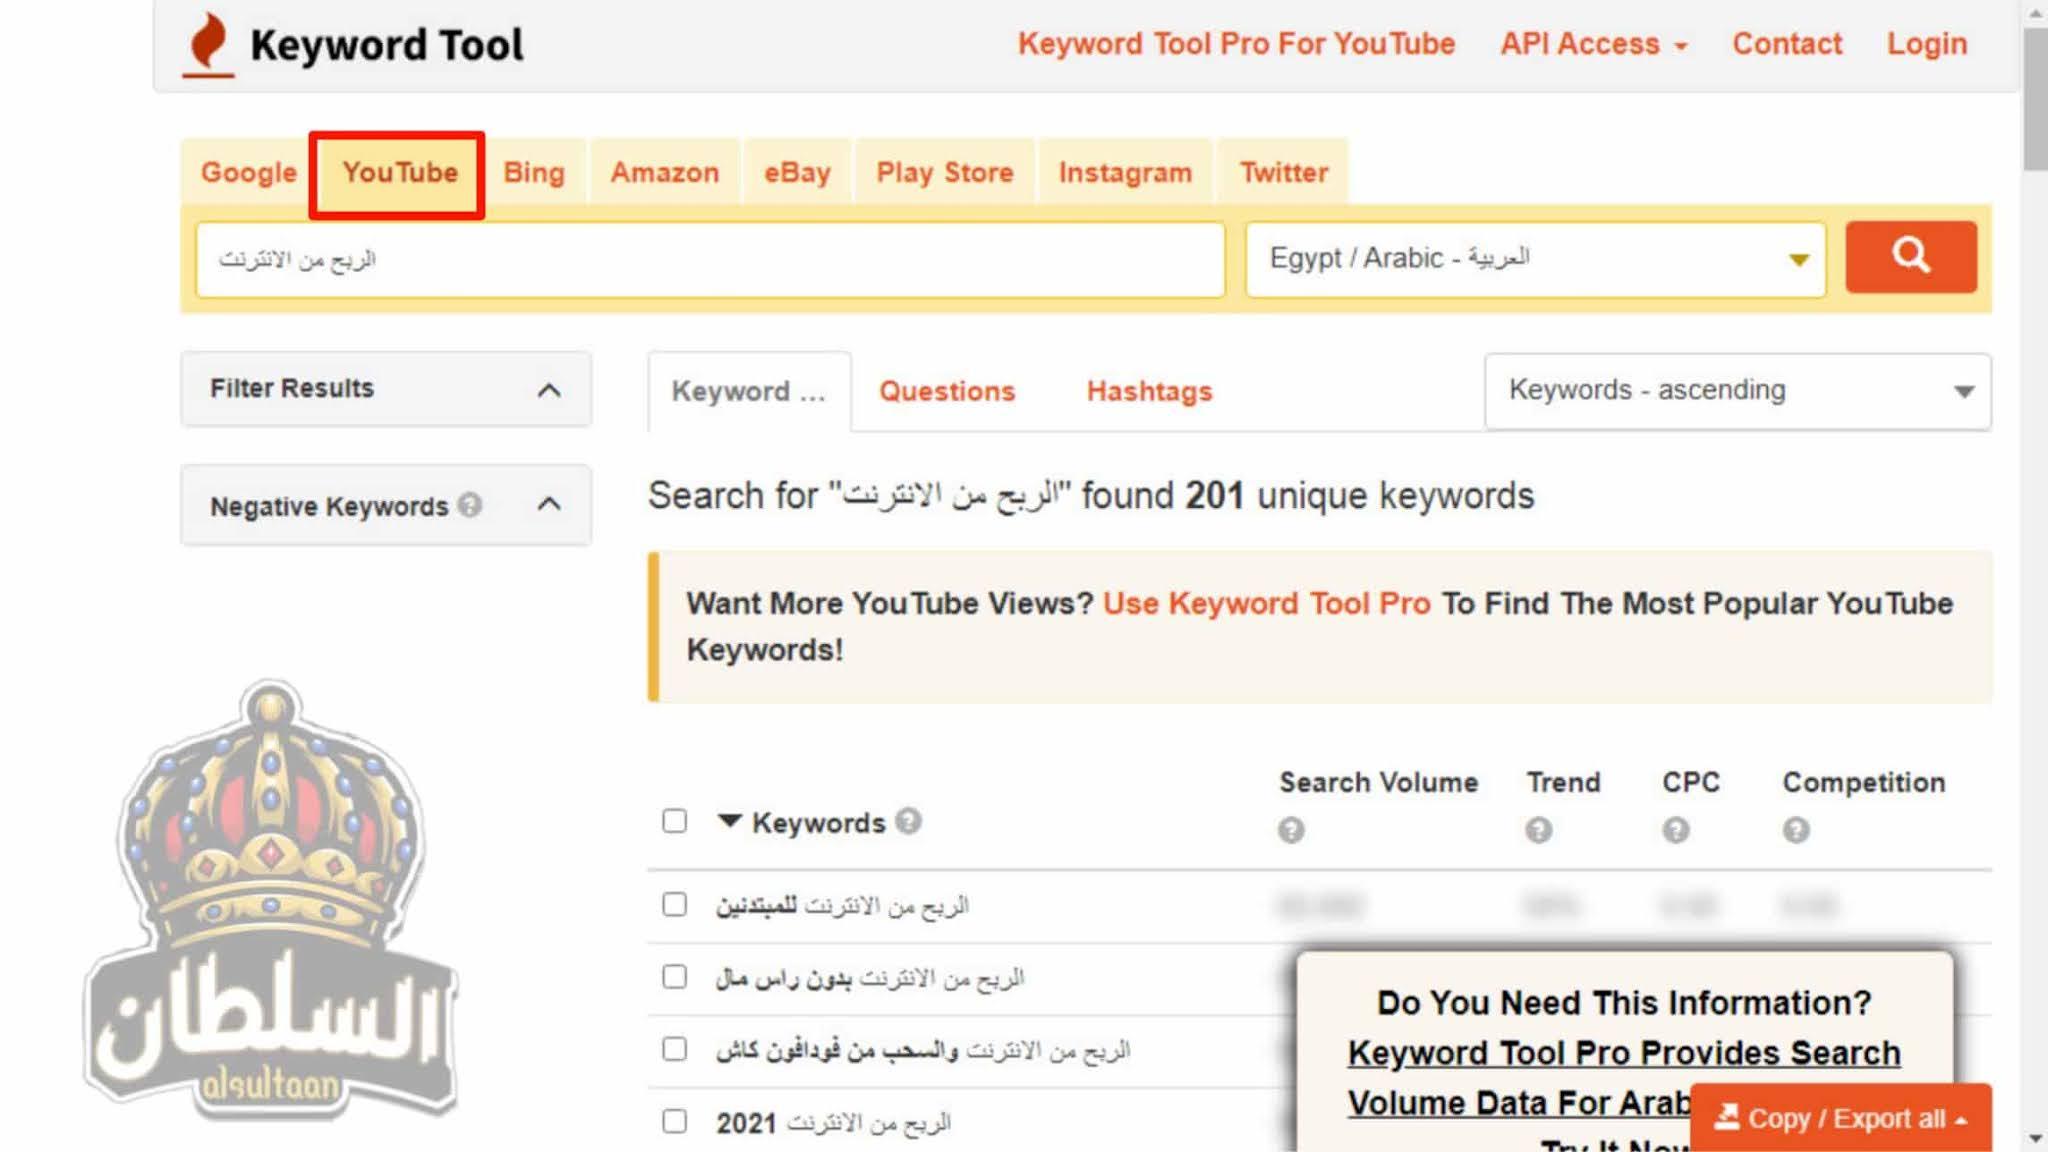 كلمات مفتاحية لليوتيوب 2021 , الكلمات المفتاحية لليوتيوب , كلمات مفتاحية لليوتيوب جاهزة , موقع كلمات مفتاحية لليوتيوب